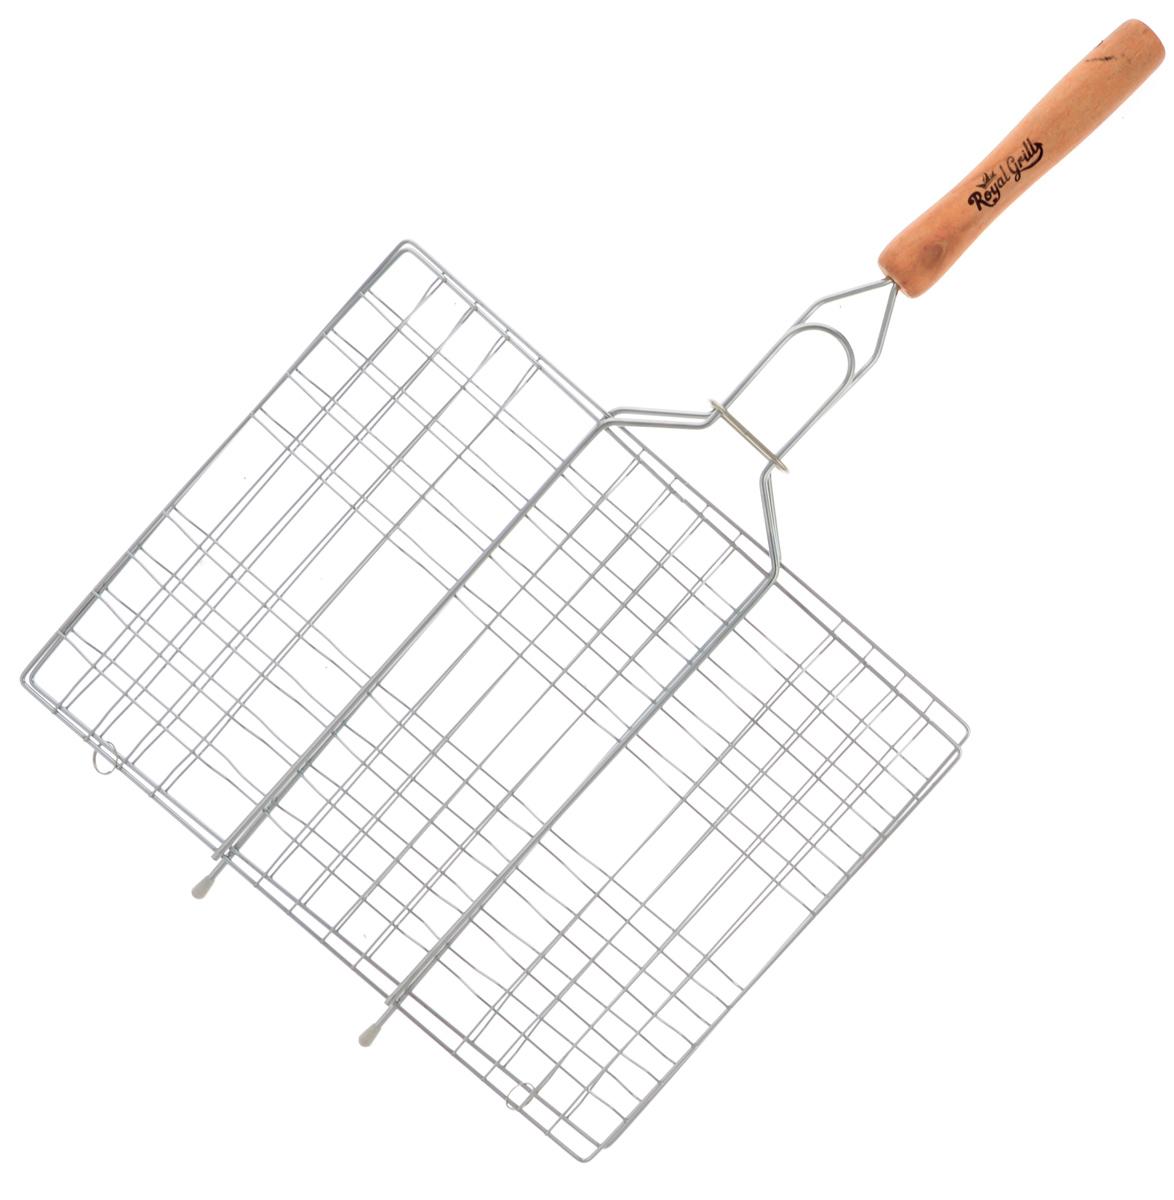 Решетка-гриль RoyalGrill, 31 х 24 см80-031Универсальная решетка-гриль RoyalGrill изготовлена из высококачественной стали. На решетке удобно размещать стейки, ребрышки, гамбургеры, сосиски, рыбу, овощи.Решетка предназначена для приготовления пищи на углях. Блюда получаются сочными, ароматными, с аппетитной специфической корочкой. Рукоятка изделия оснащена деревянной вставкой и фиксирующей скобой, которая зажимает створки решетки. Размер рабочей поверхности решетки (без учета усиков): 31 х 24 см.Общая длина решетки (с ручкой): 54 см.